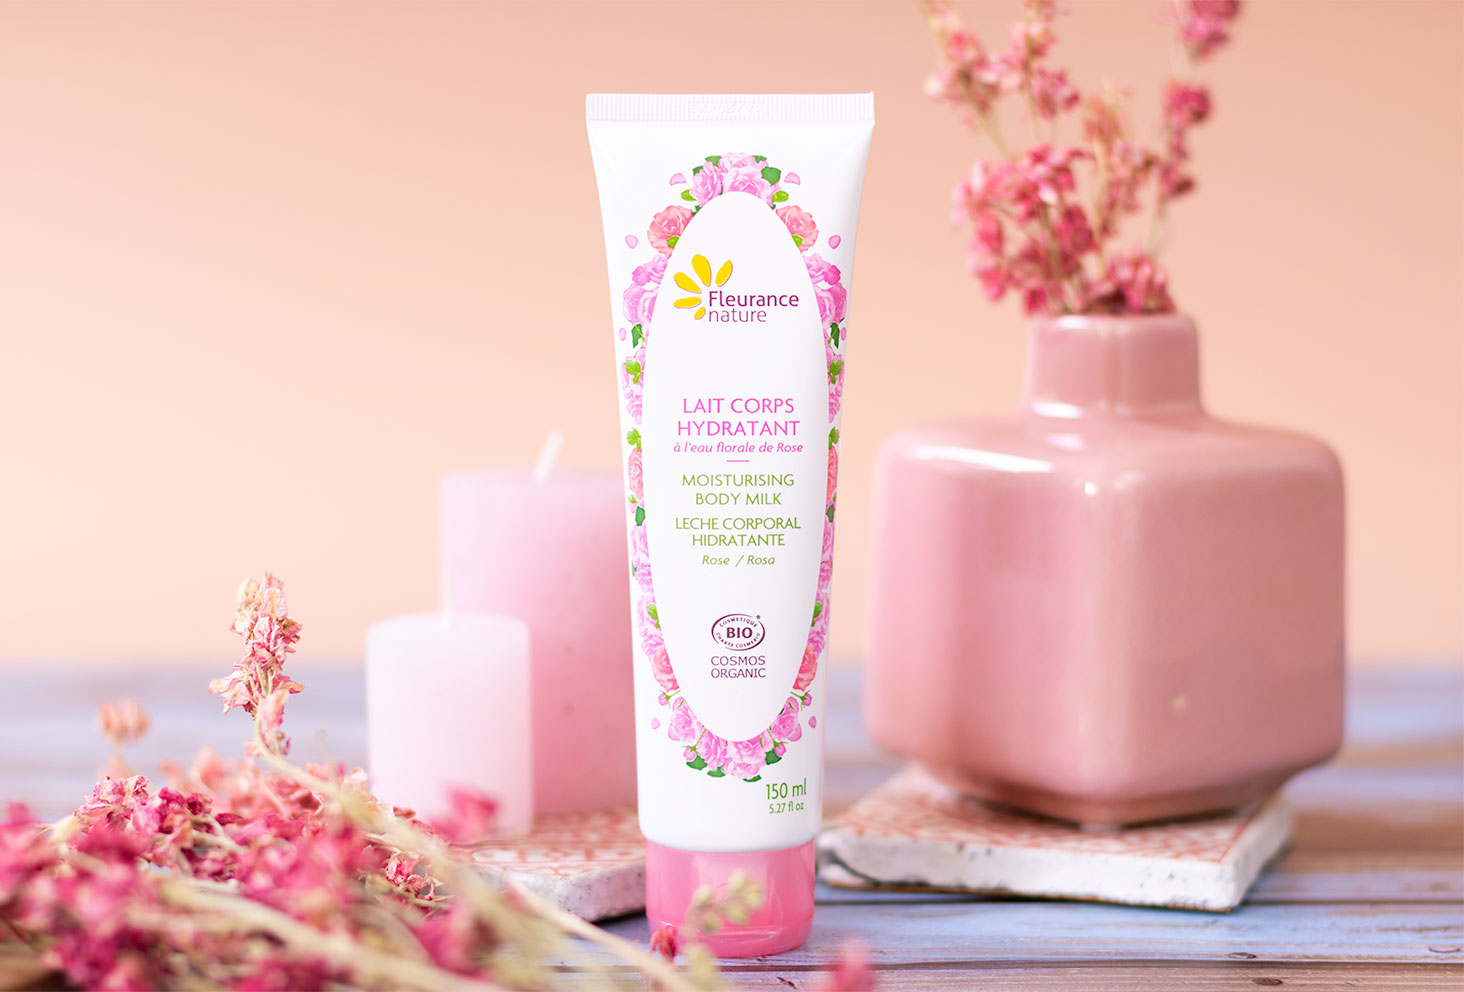 Le lait hydratant BIO pour le corps de Fleurance Nature, au milieu de fleurs séchées roses et de bougies